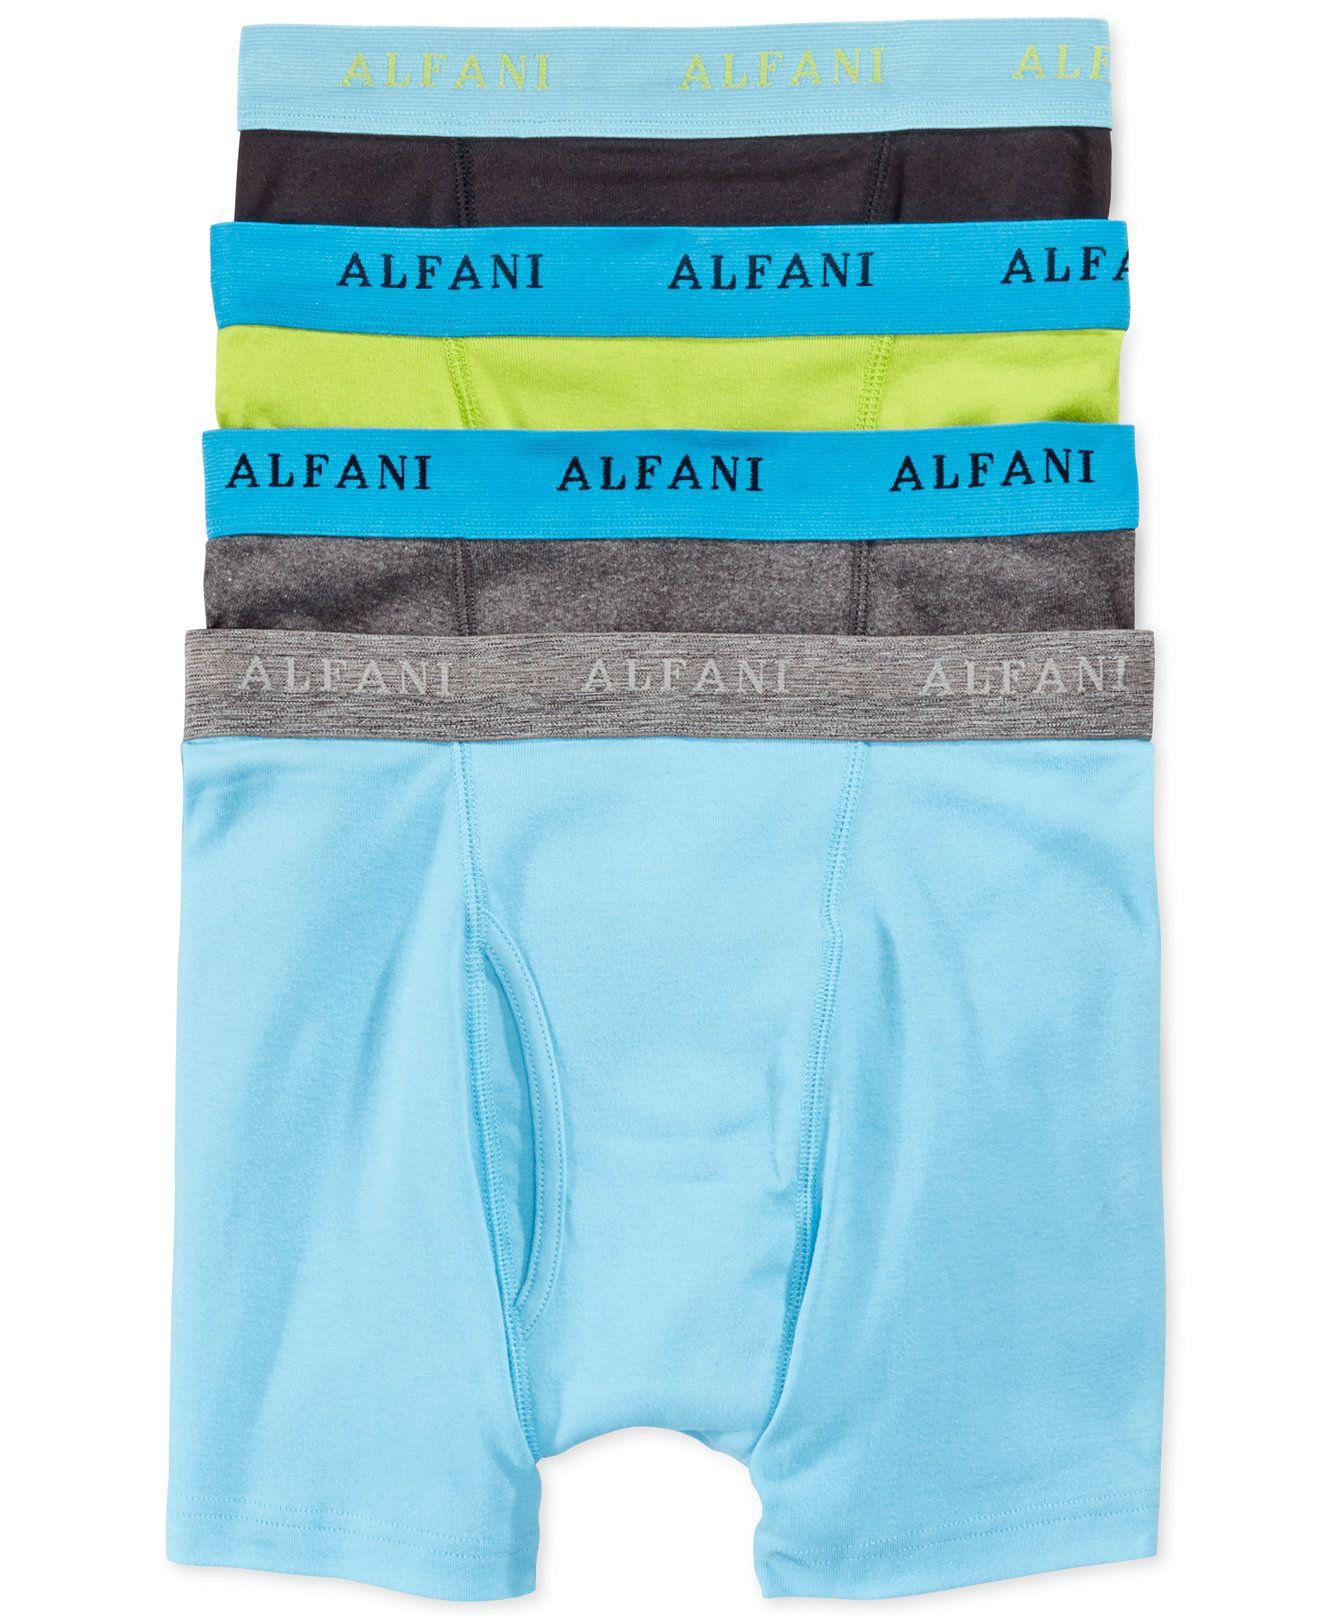 Alfani New Mens 4 Pack Knit Boxers Black